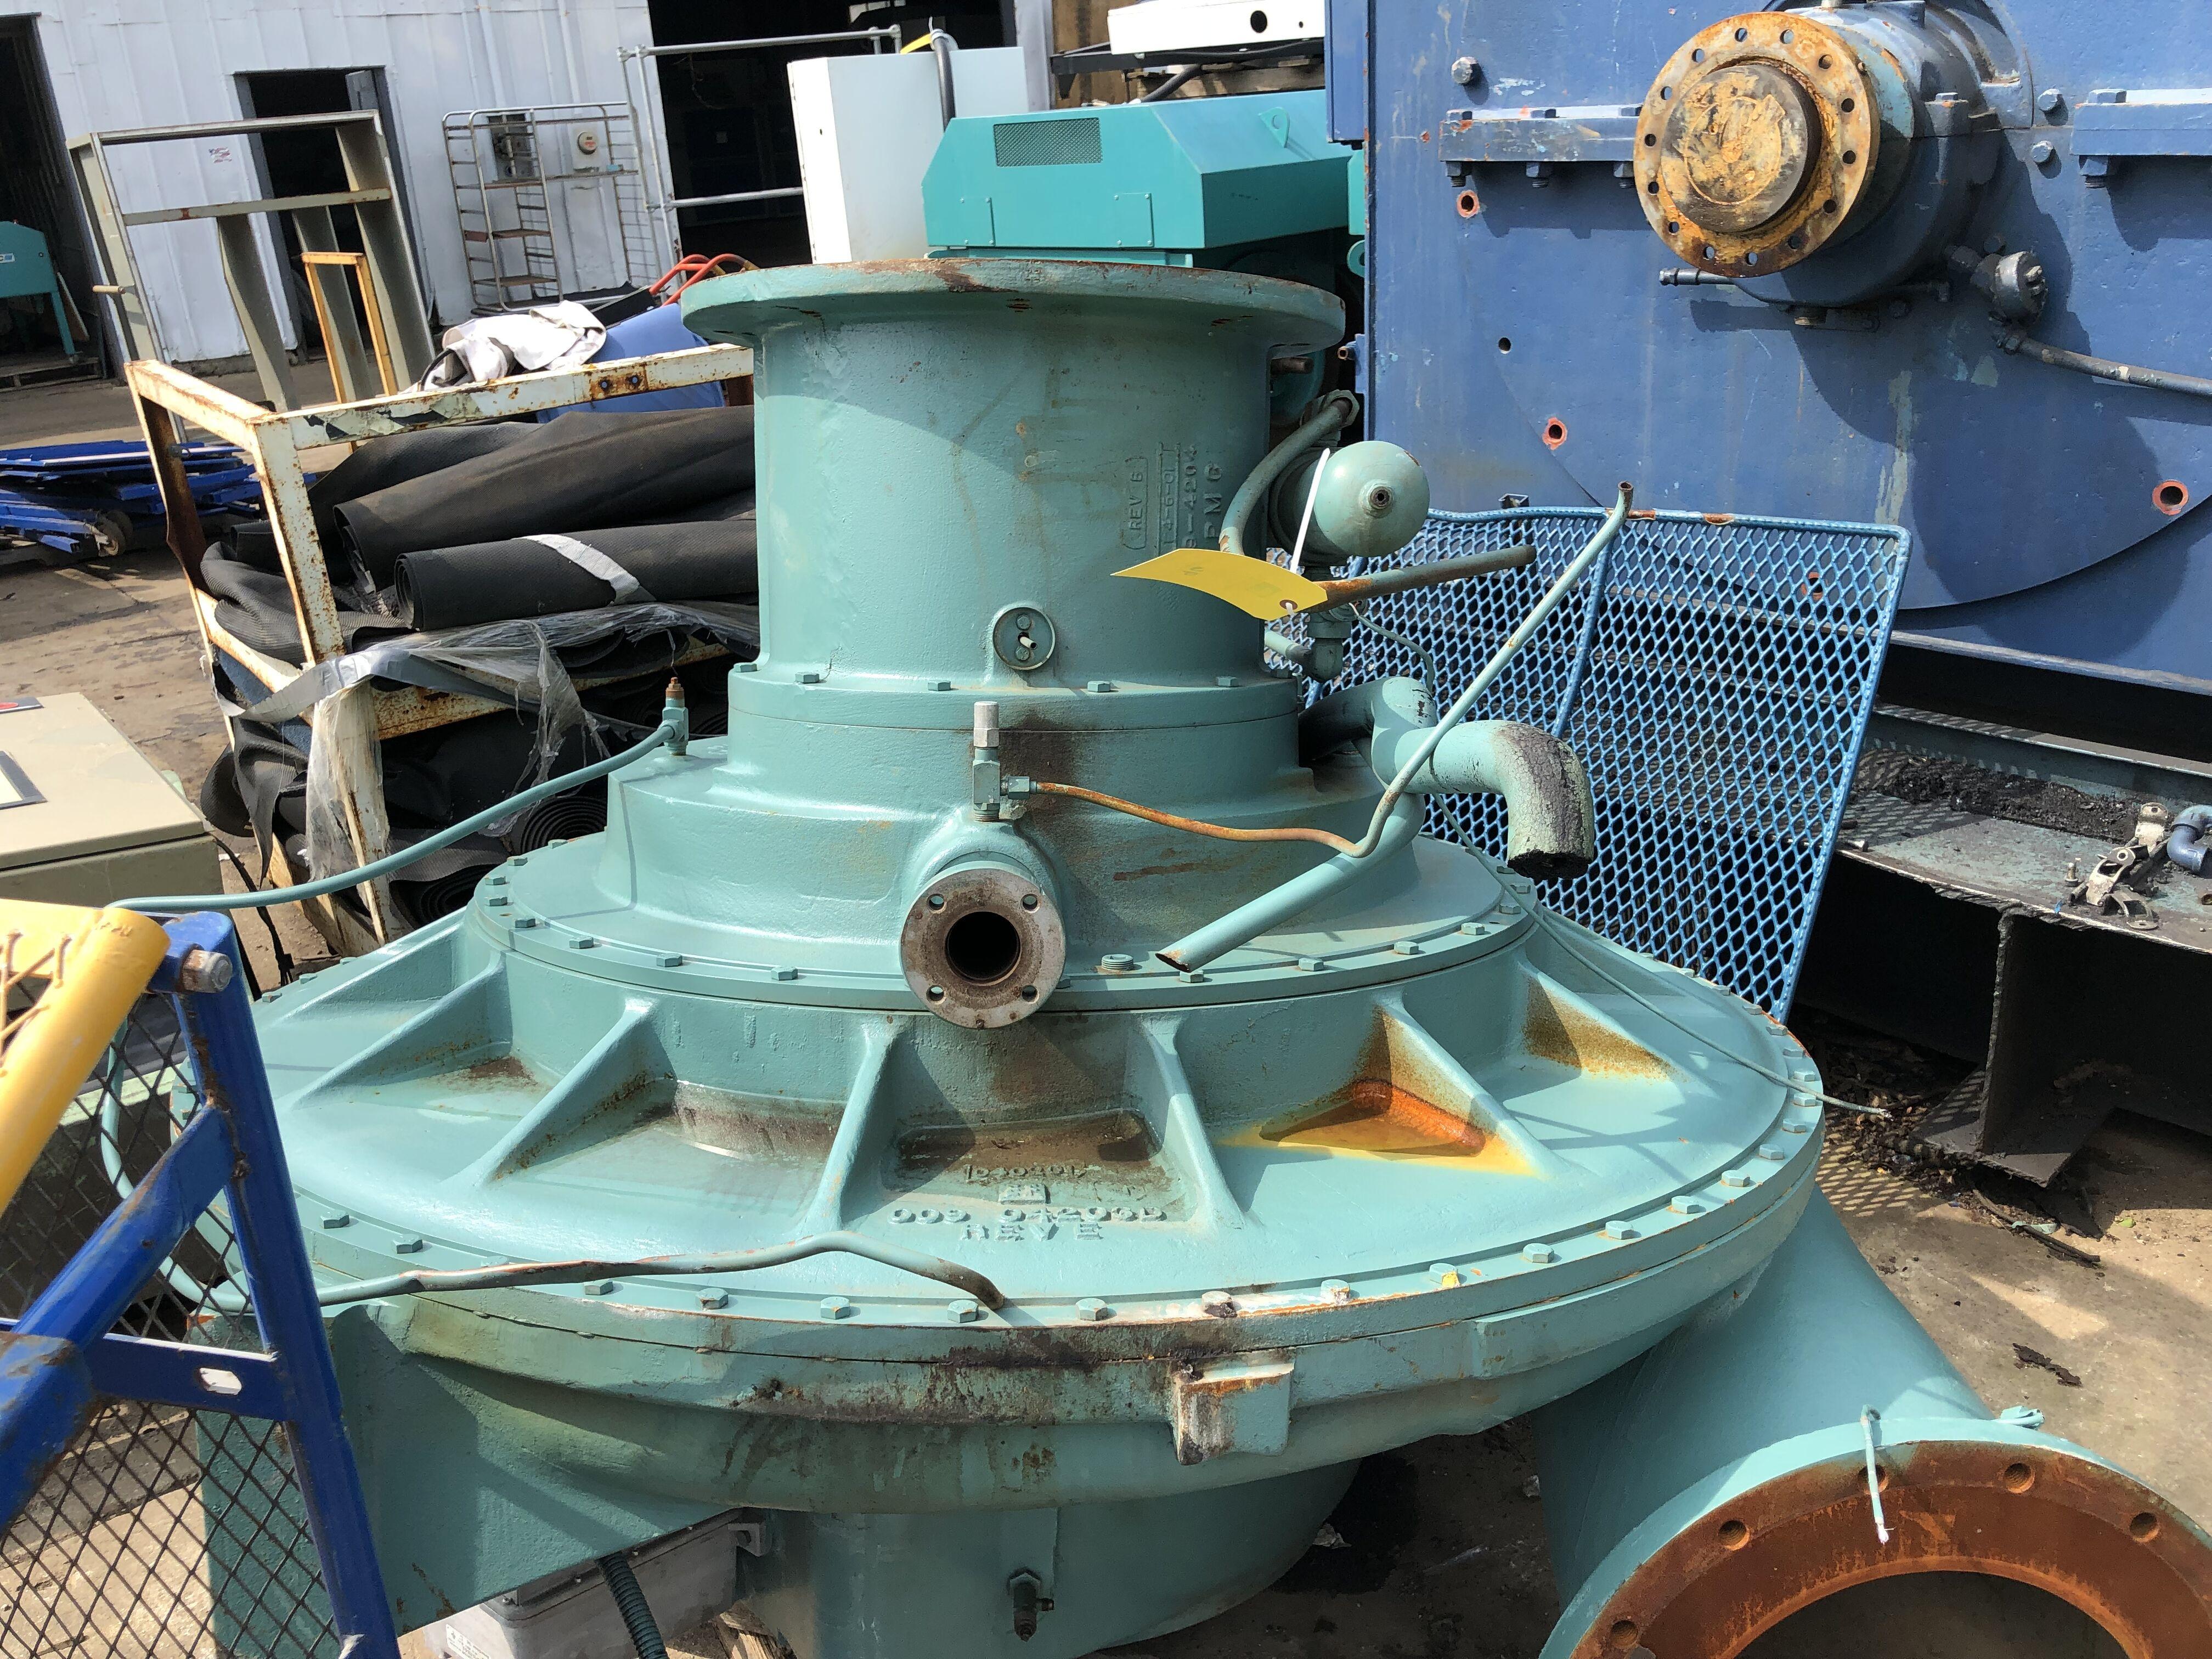 Lot 96 - Parts of York Compressor, Model #YDTL-I44, S/N #6CKC029751, Speed Code #BR (Part of a Chiller)